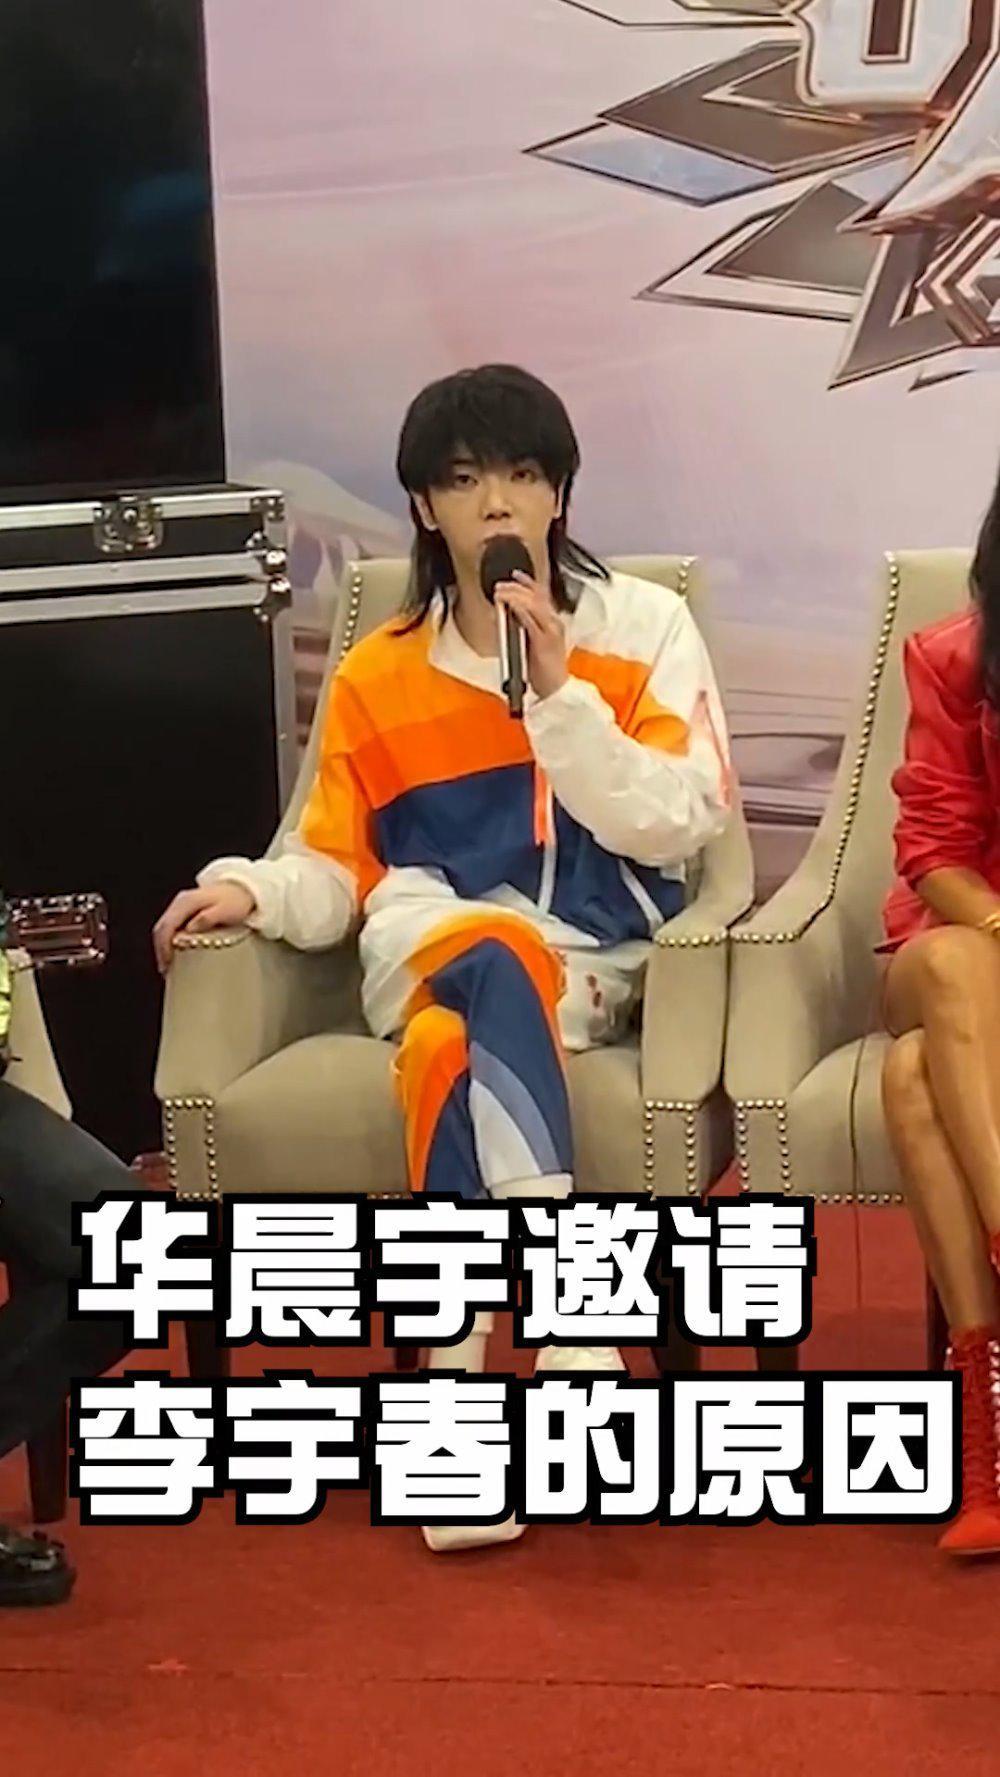 讲出为什么要和李宇春一起去合唱这首歌!